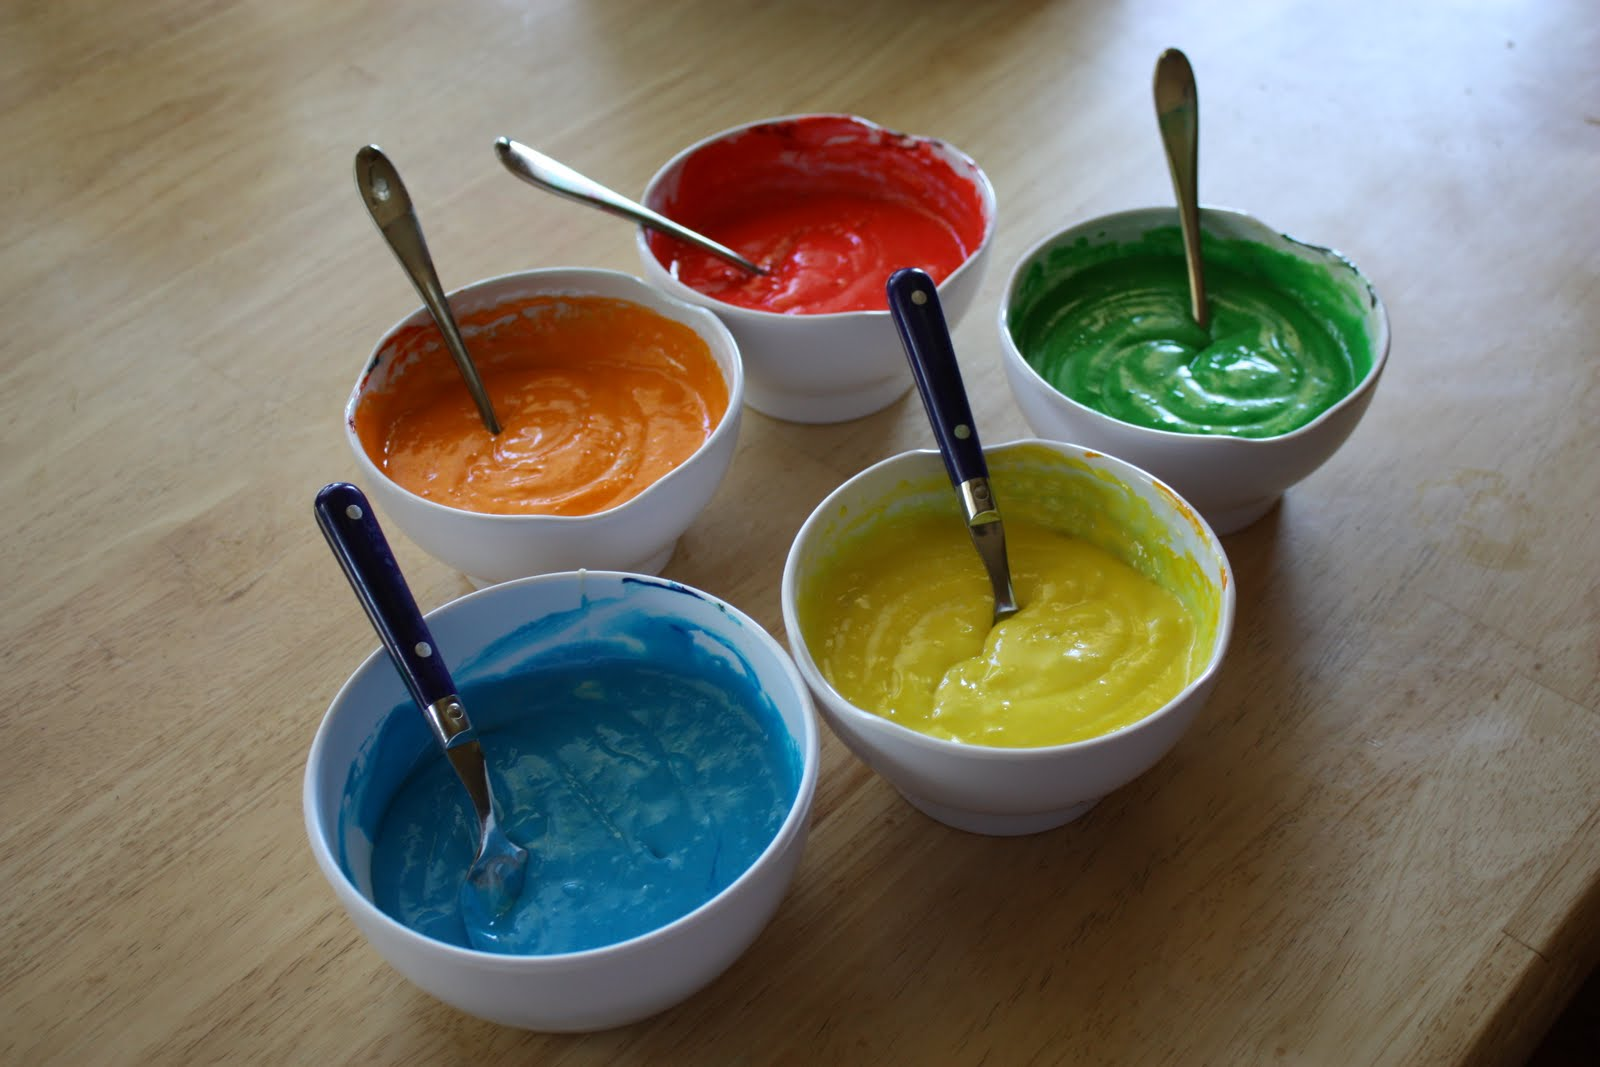 Worksheet Baking Cupcakes